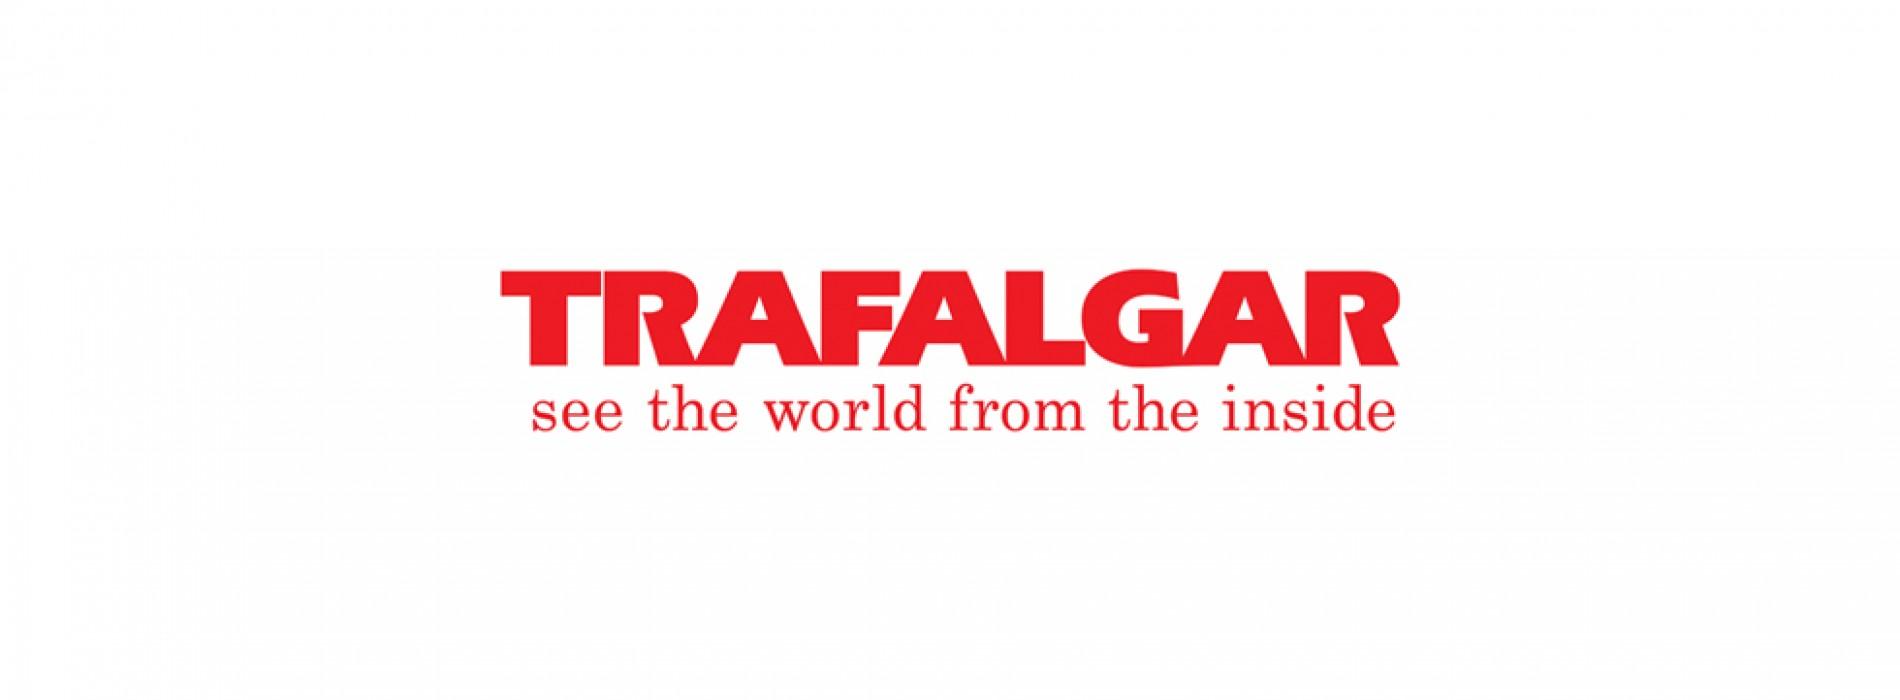 TIPTO welcomes Trafalgar as new member for 2017